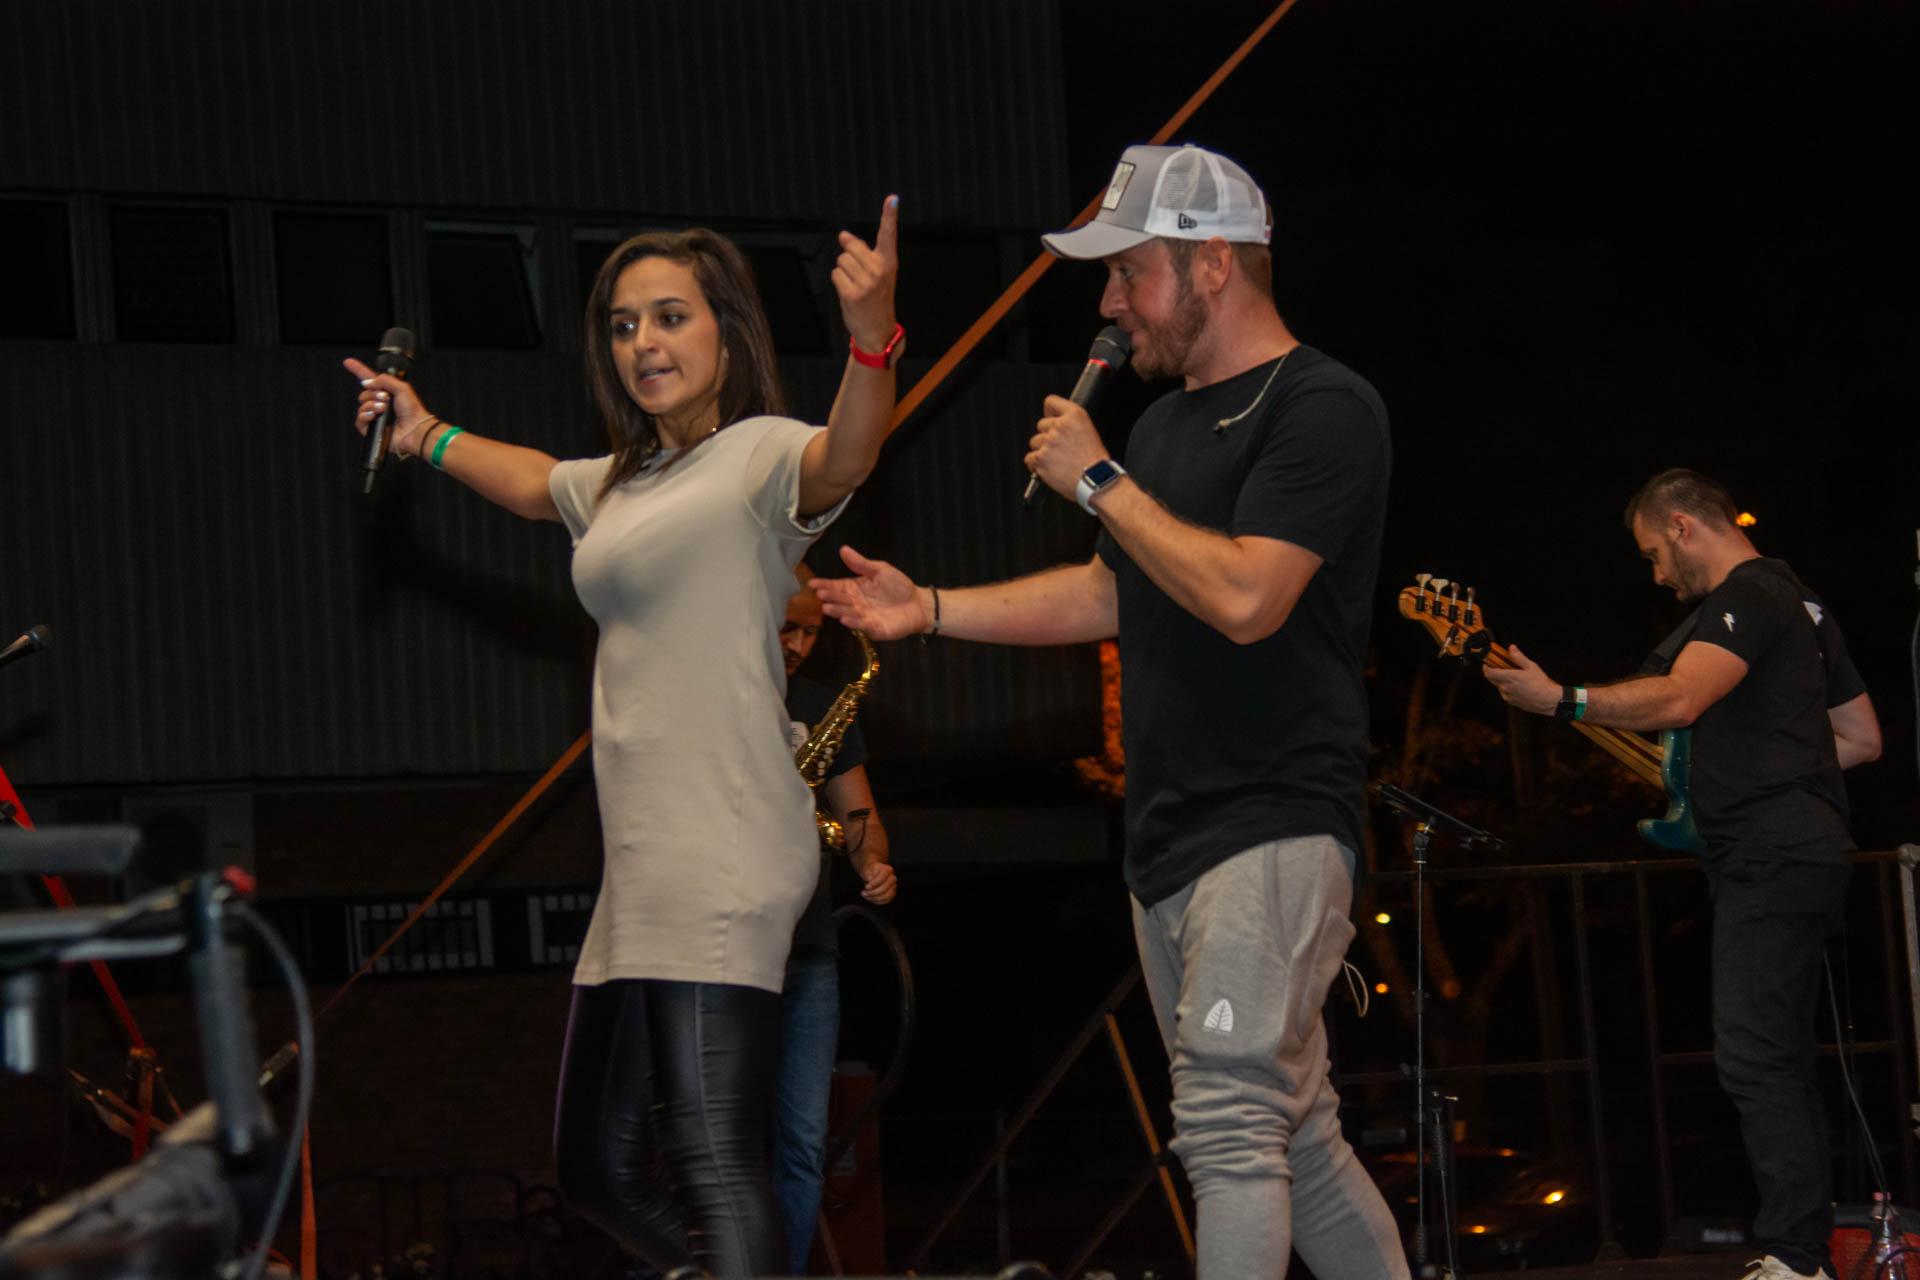 Deniz és Orsovai Reni koncert - Kolorfesztivál Light 6. nap